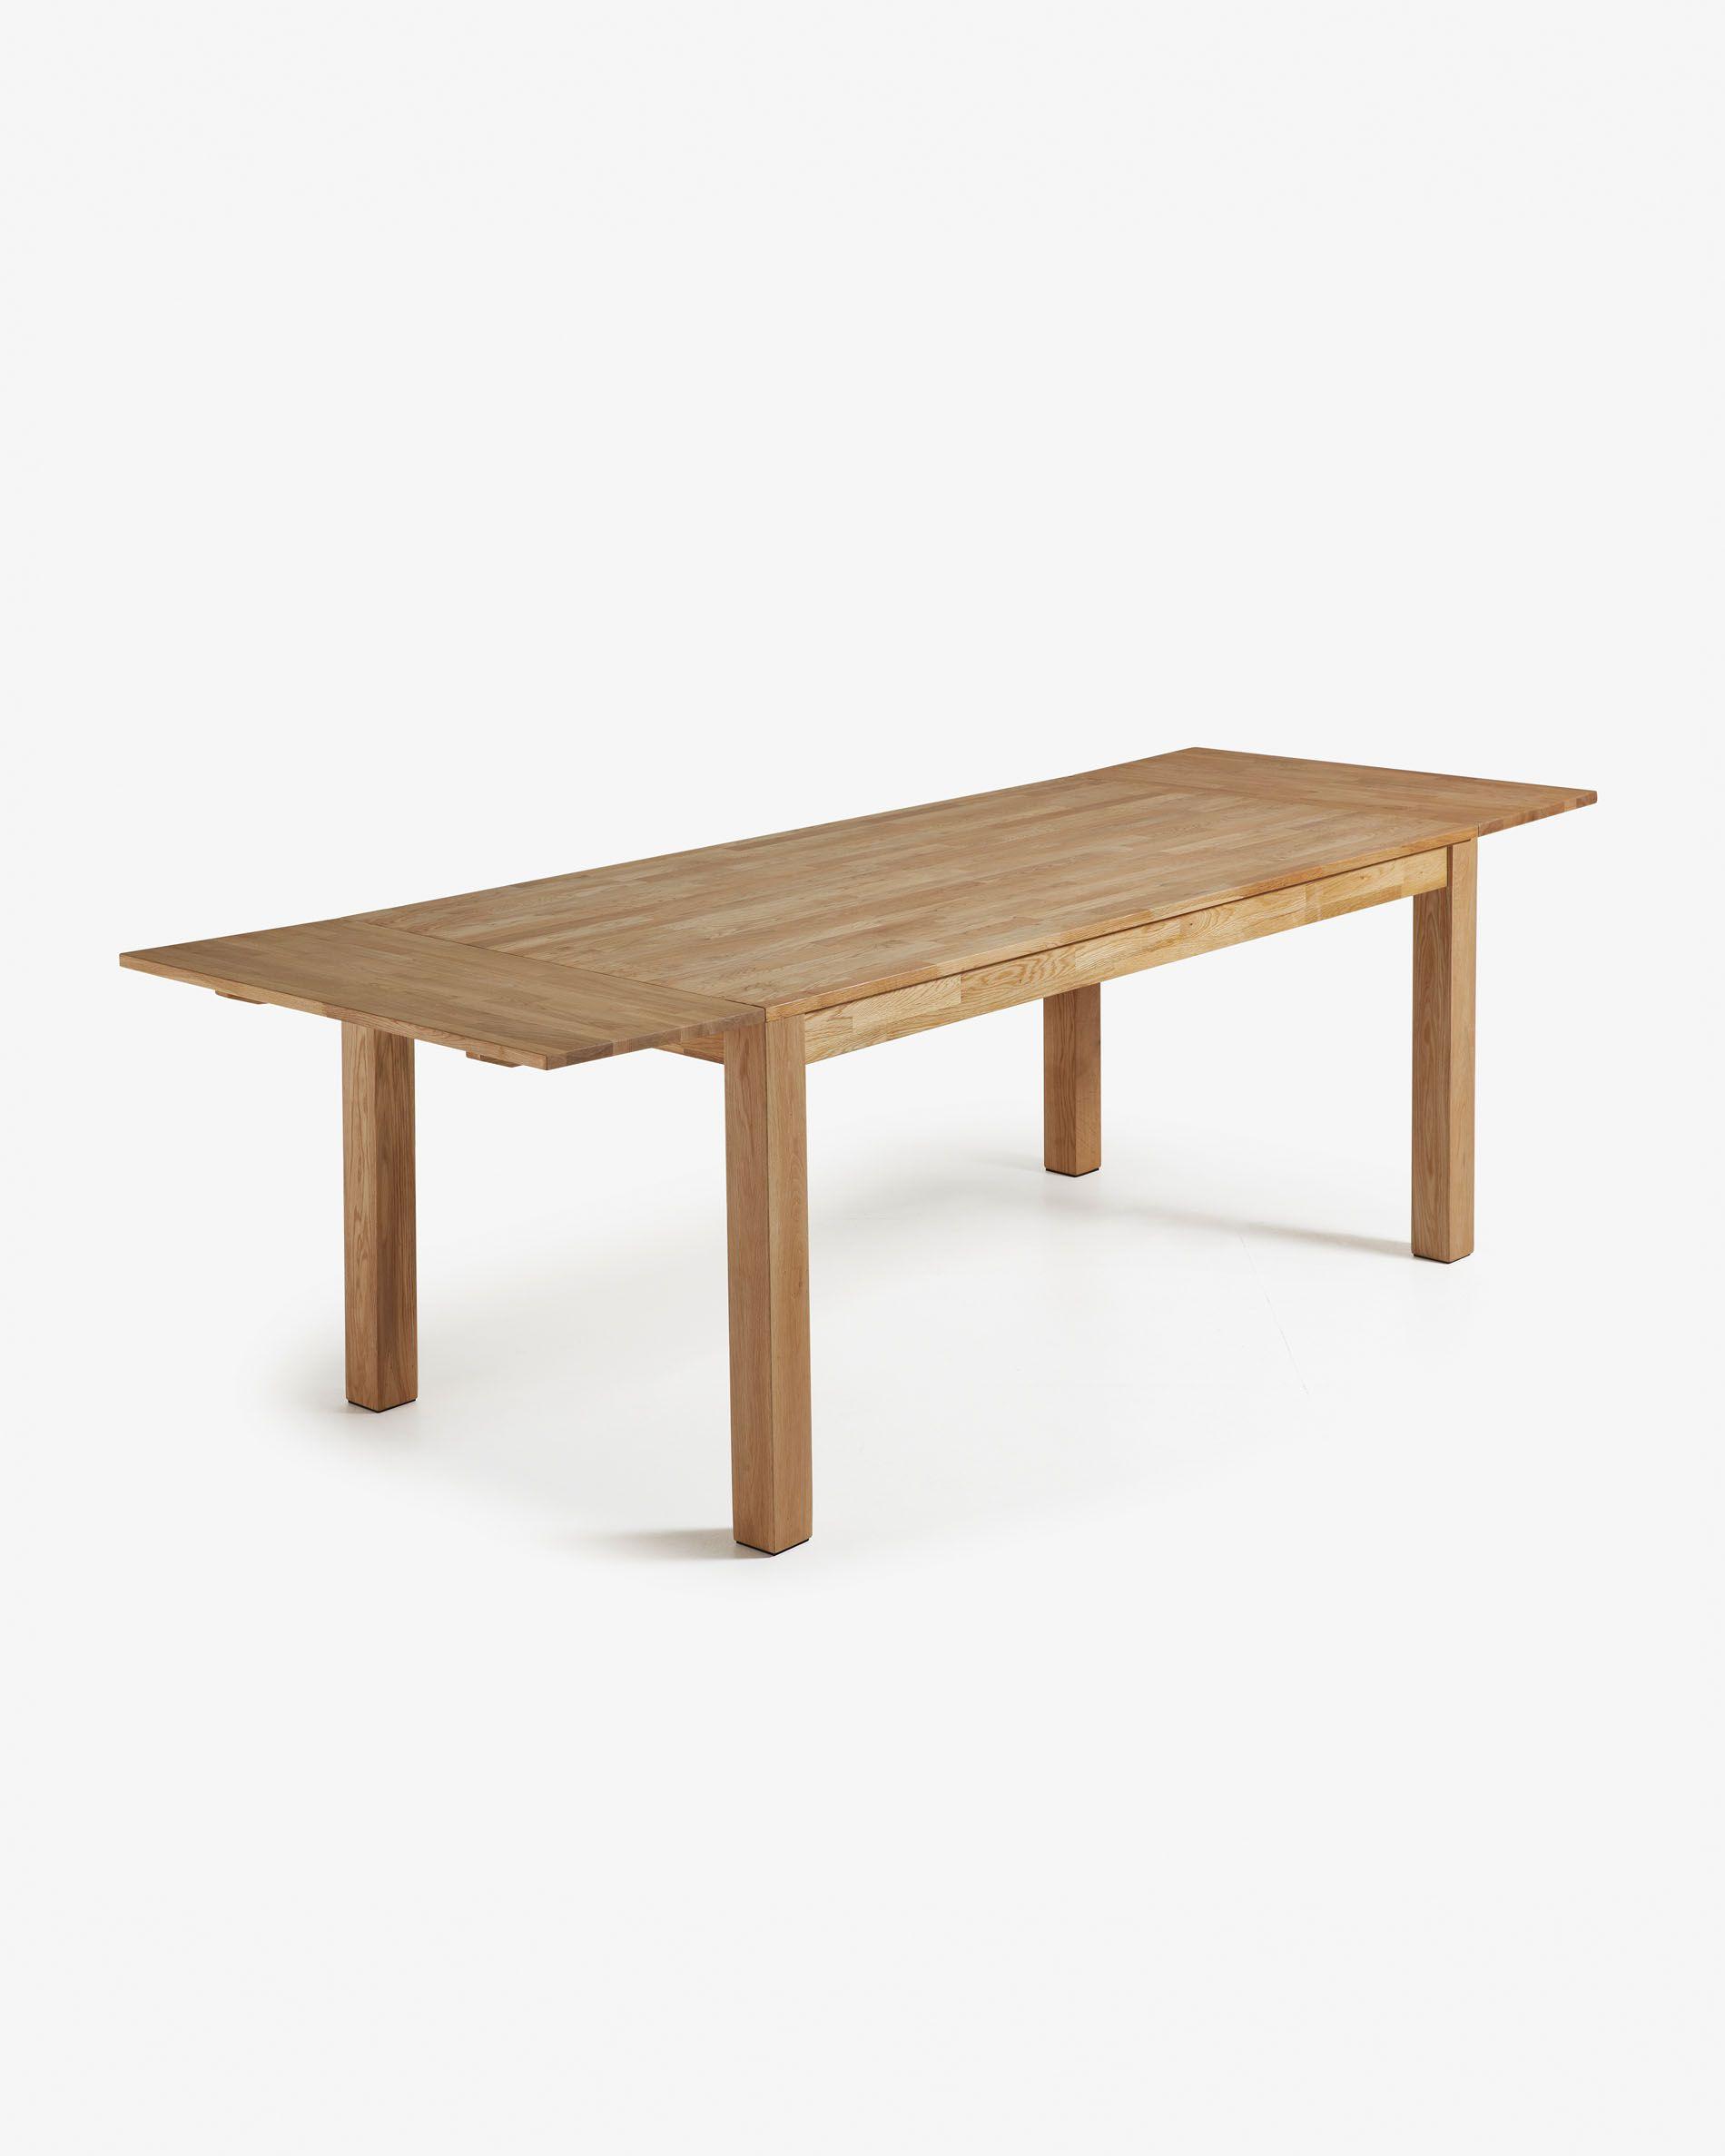 Achat Table Nouveau isbel Extendable Table 120 200 X 75 Cm